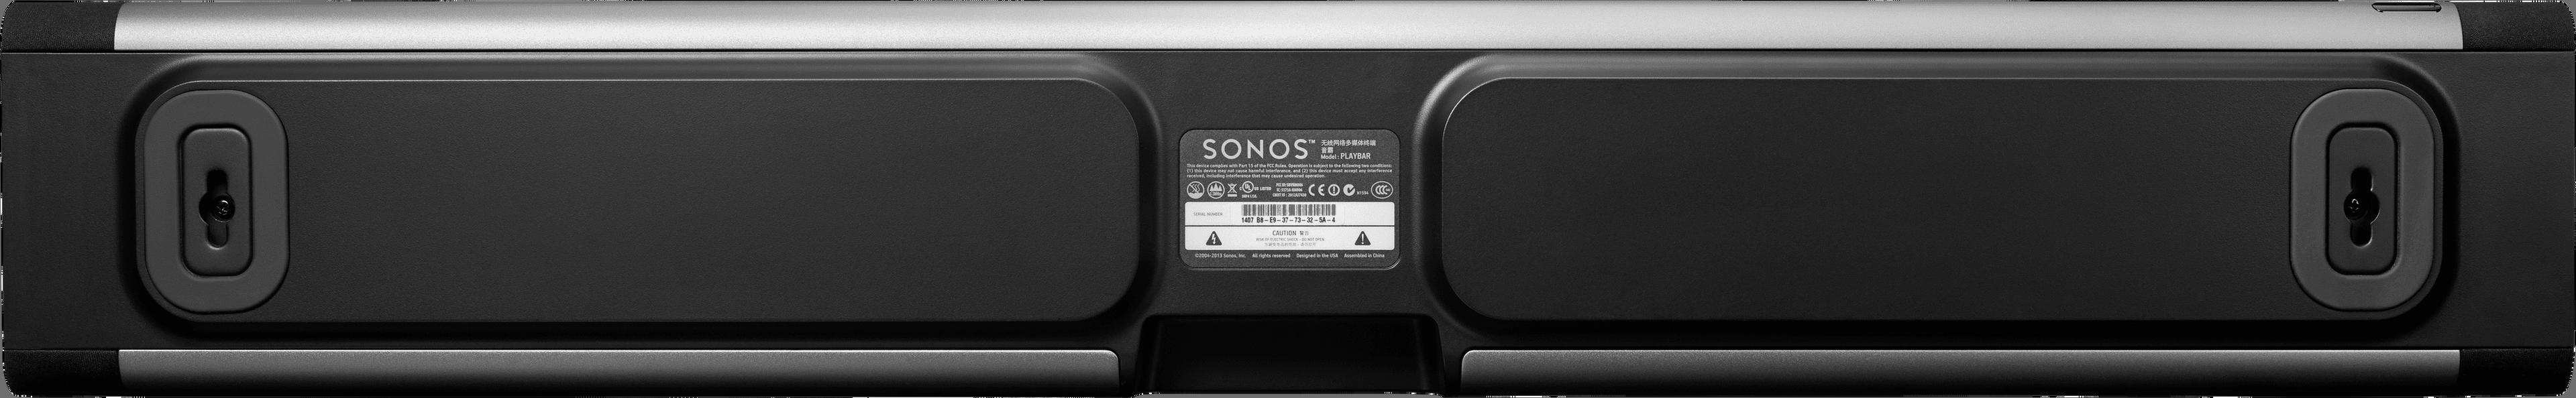 Sonos Playbar - dessous